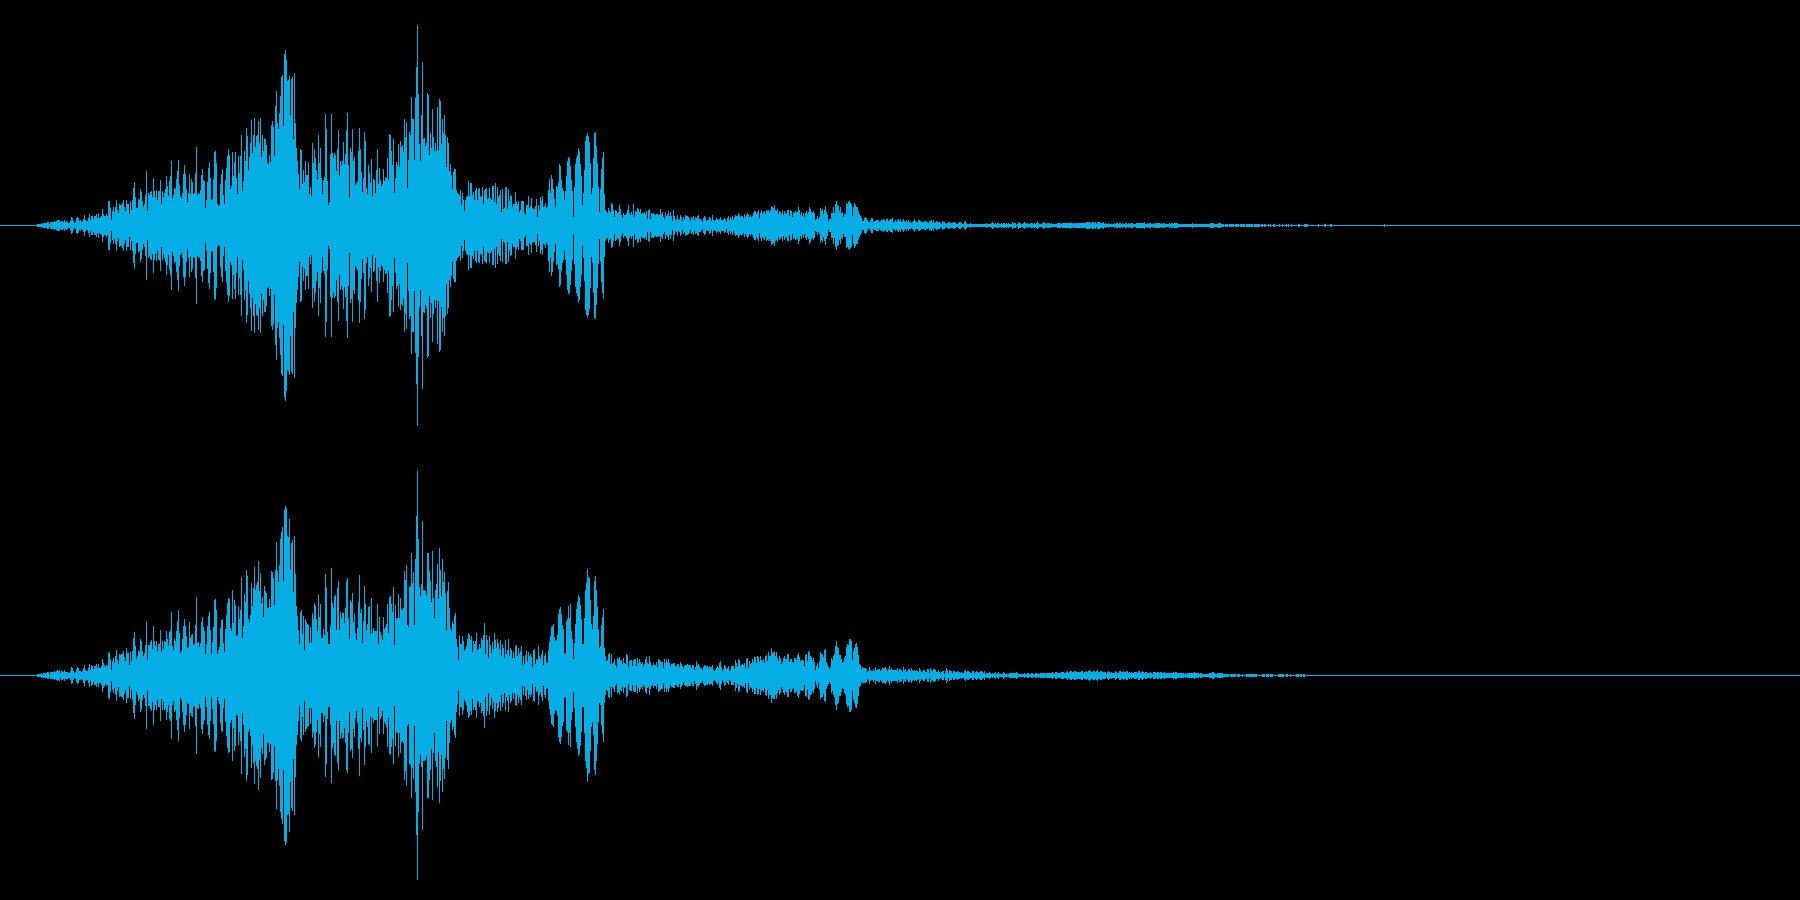 不安を煽るような音の再生済みの波形